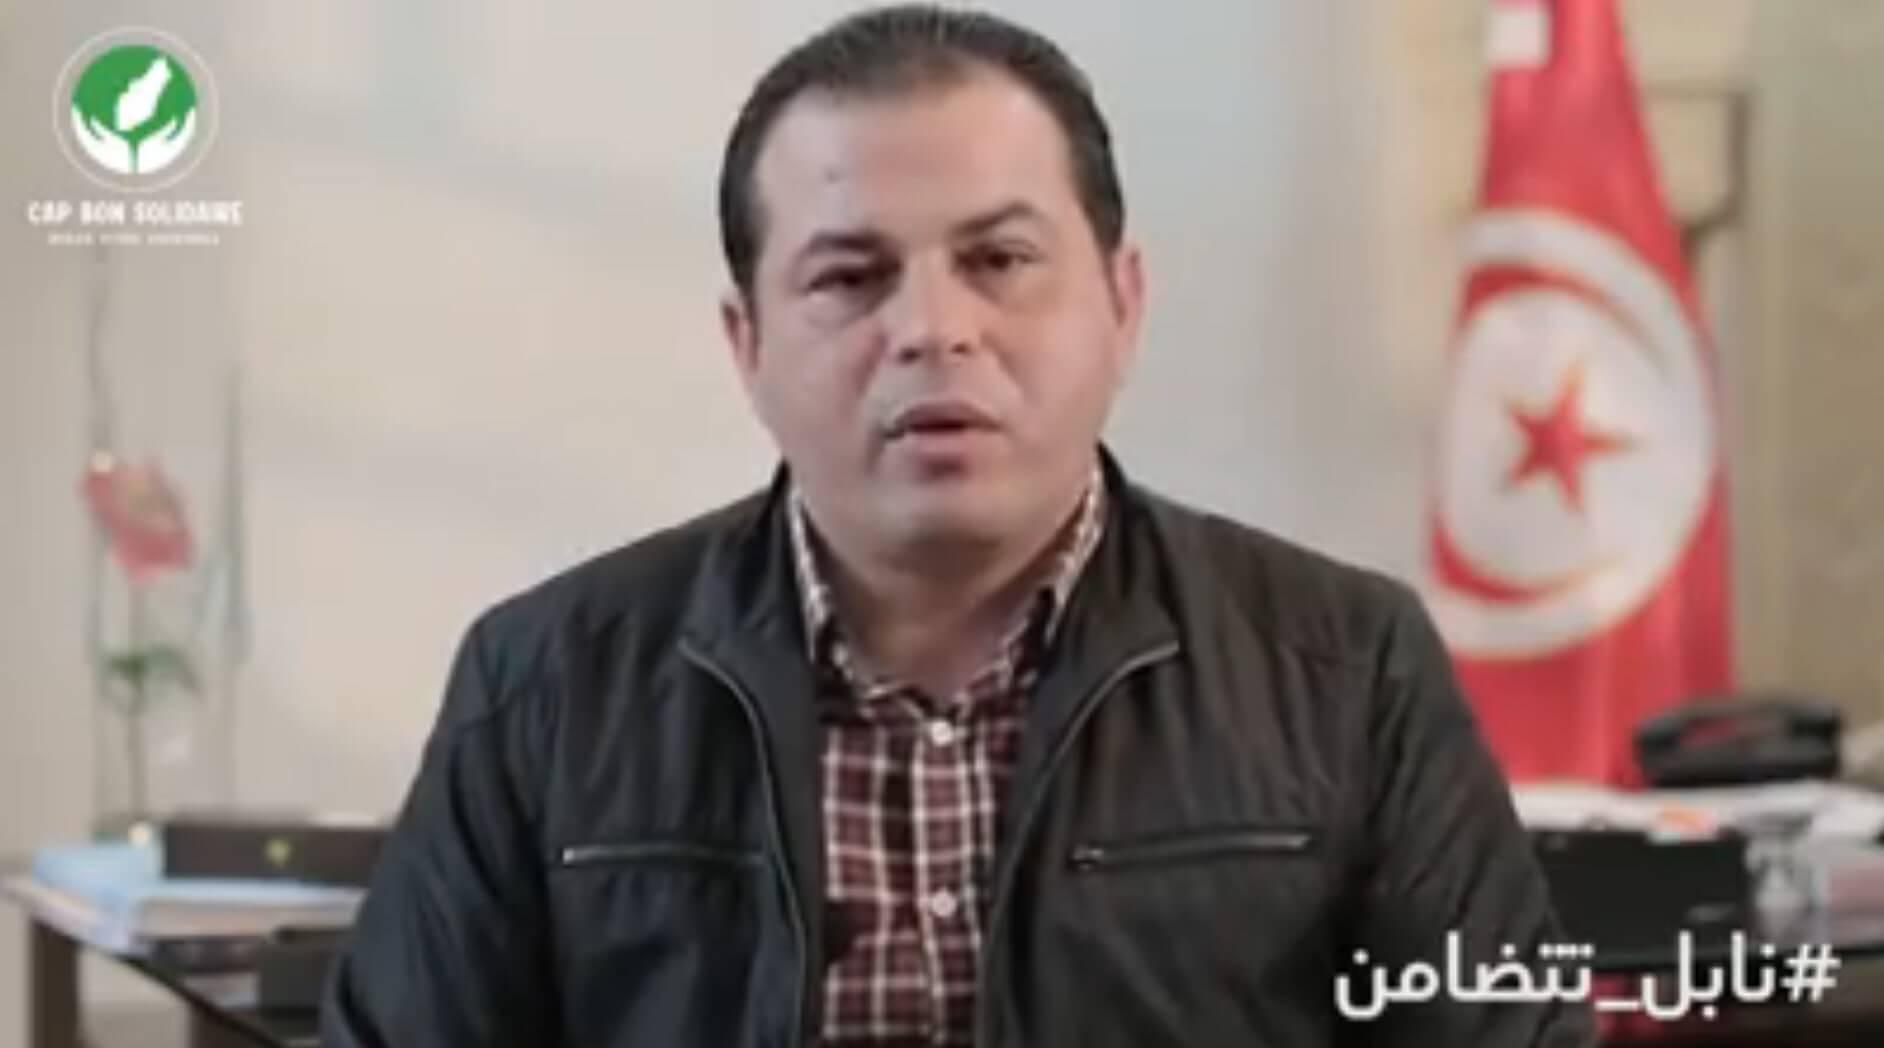 أحمد مطيبع معتمد نابل يدعو متساكني مدينة نابل لمزيد التضامن و التكافل